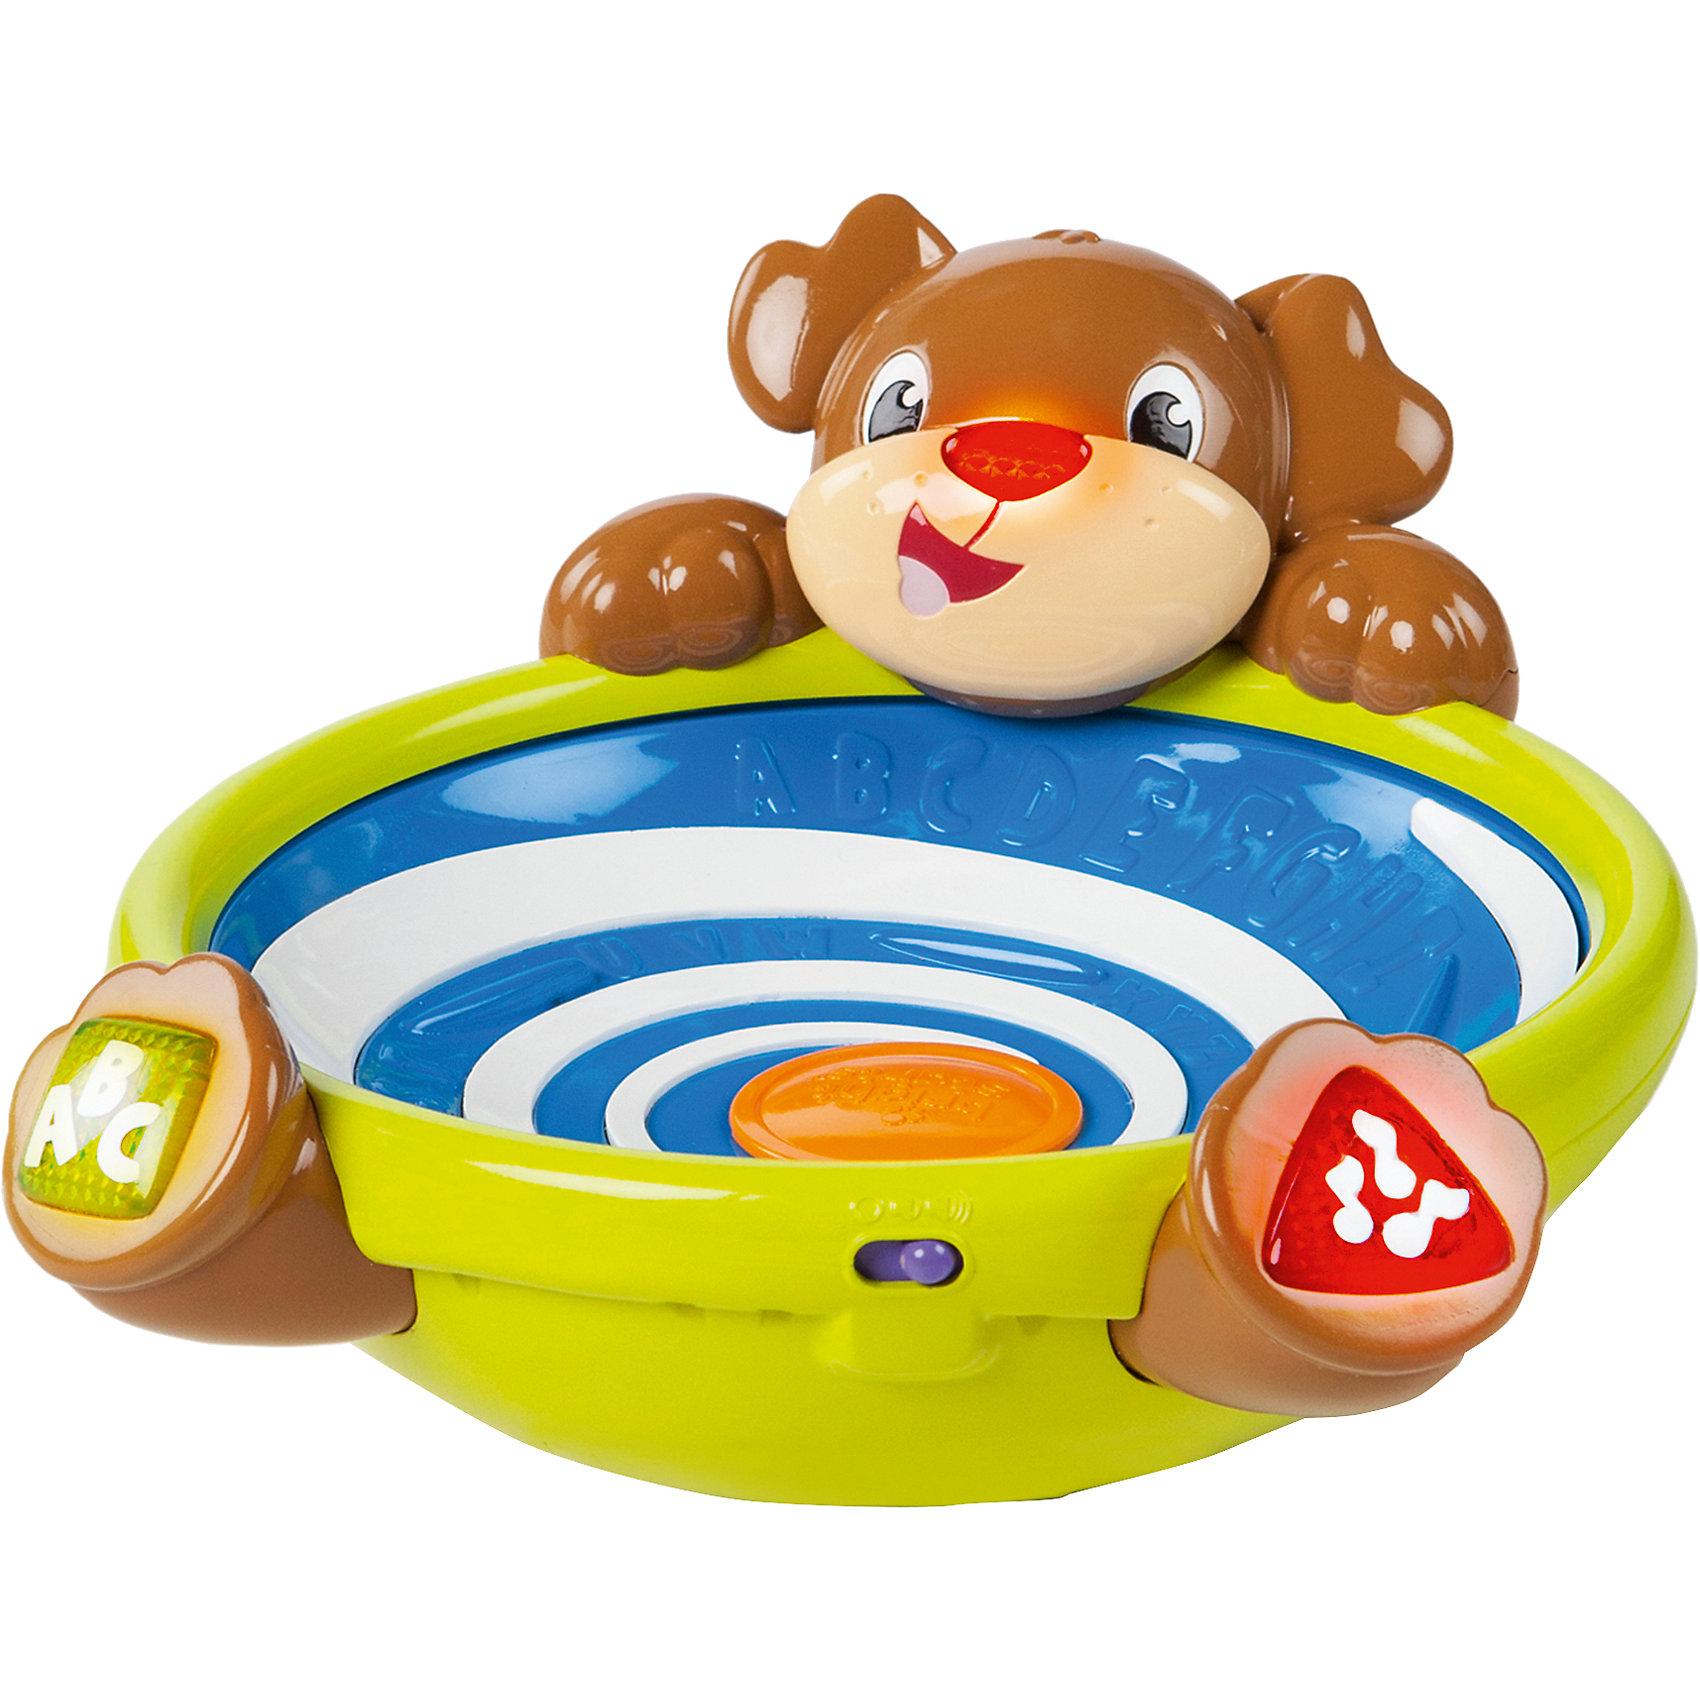 Развивающая игрушка Игривый щенок, Bright StartsРазвивающие игрушки<br>Смейся и играй с забавным щенком!<br><br>ОСОБЕННОСТИ<br>3 разноцветных шарика, которые легко хватать маленькими ручками.<br>2 способа активировать игру:  нажать кнопочки на лапках щенка; нажать на дно чаши.<br>Цветные фигурные кнопочки – для изучения цветов, фигур, букв или прослушивания мелодии.<br>Шарики бегают по кругу и вылетают из чаши. Задача малыша  - их поймать и снова начать игру.<br>Нос щенка светится во время игры.<br><br>Дополнительные характеристики<br> 2 батарейки типа АА (входят в комплект)<br> Размеры товара: 21<br><br>Ширина мм: 297<br>Глубина мм: 251<br>Высота мм: 210<br>Вес г: 754<br>Возраст от месяцев: 6<br>Возраст до месяцев: 36<br>Пол: Унисекс<br>Возраст: Детский<br>SKU: 4222565